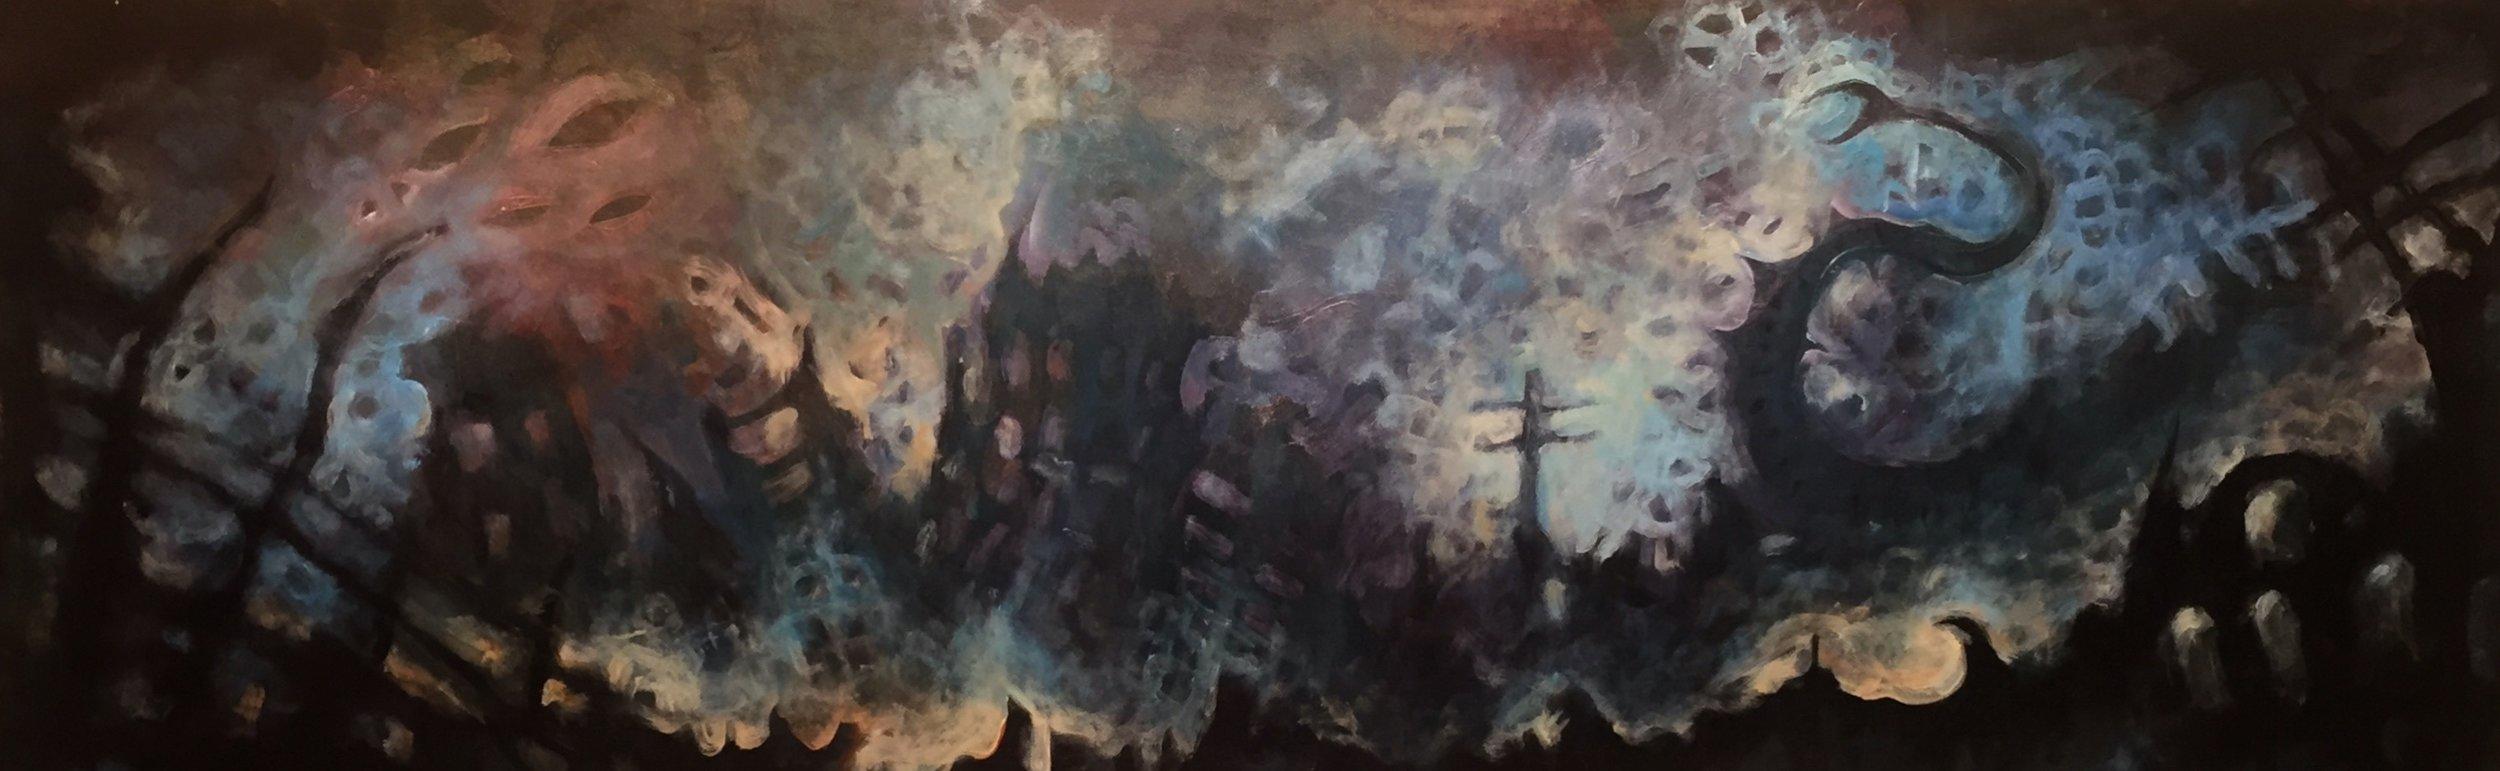 Shadowlands: Invasion